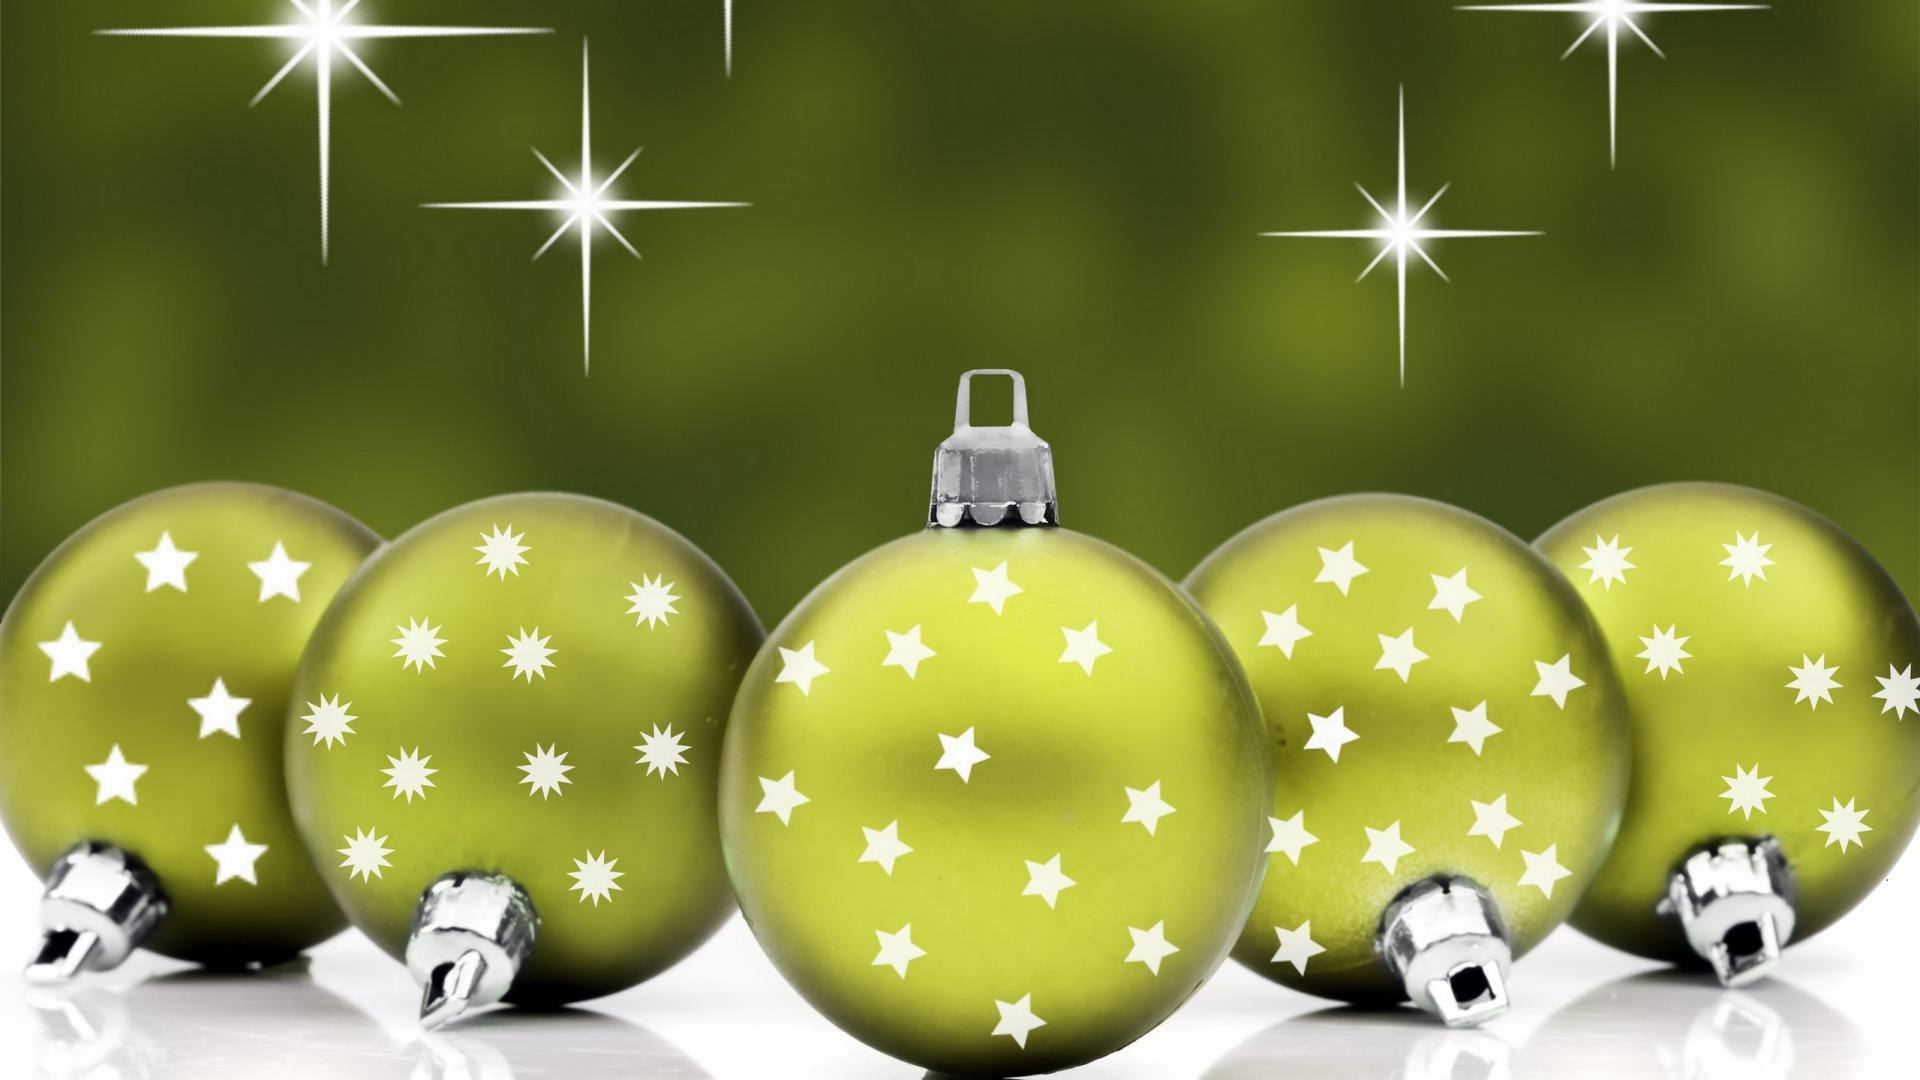 Bộ Sưu Tập Ảnh Giáng Sinh - Page 5 087ufi